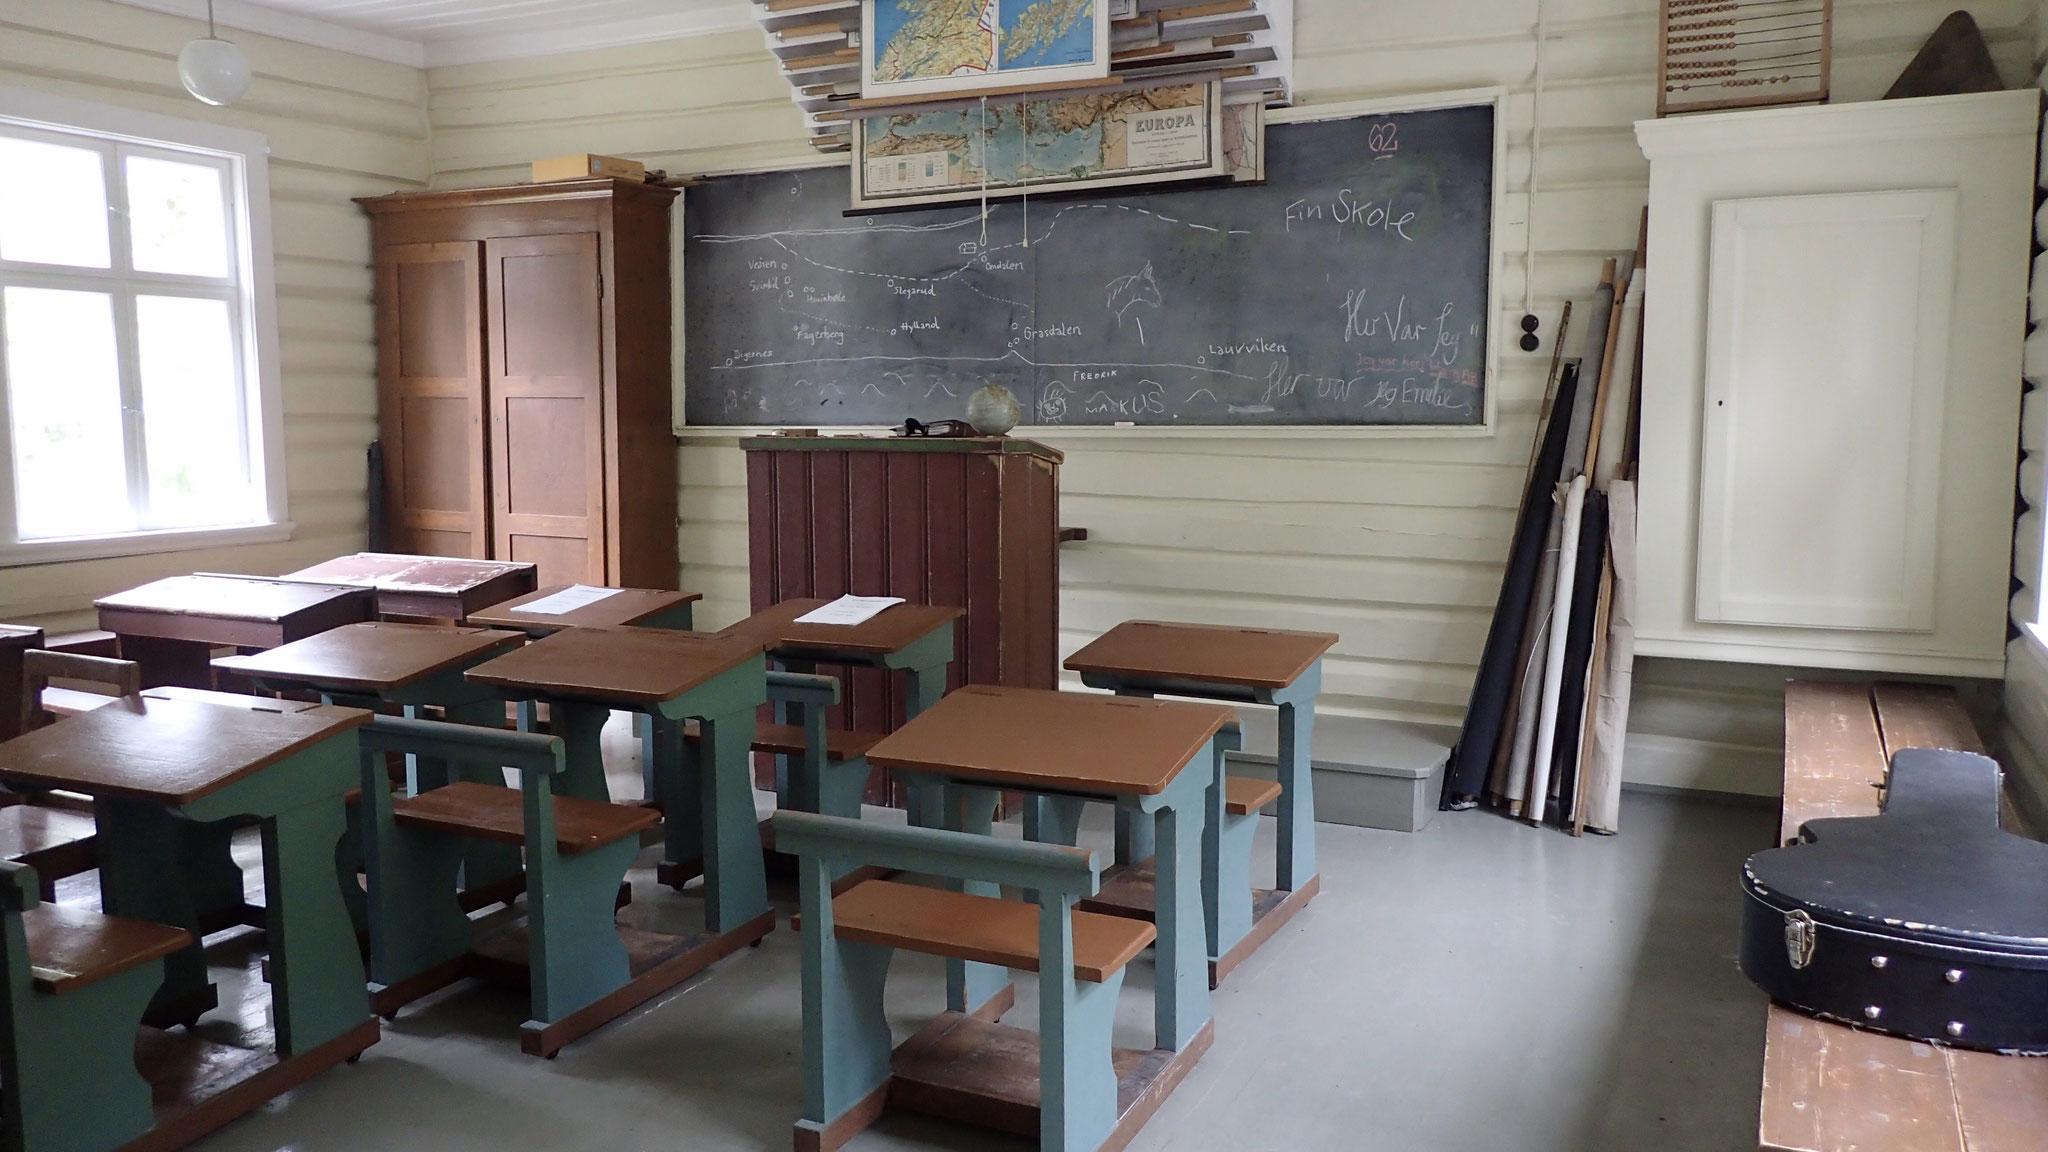 Klassenraum der alten Heie Schule